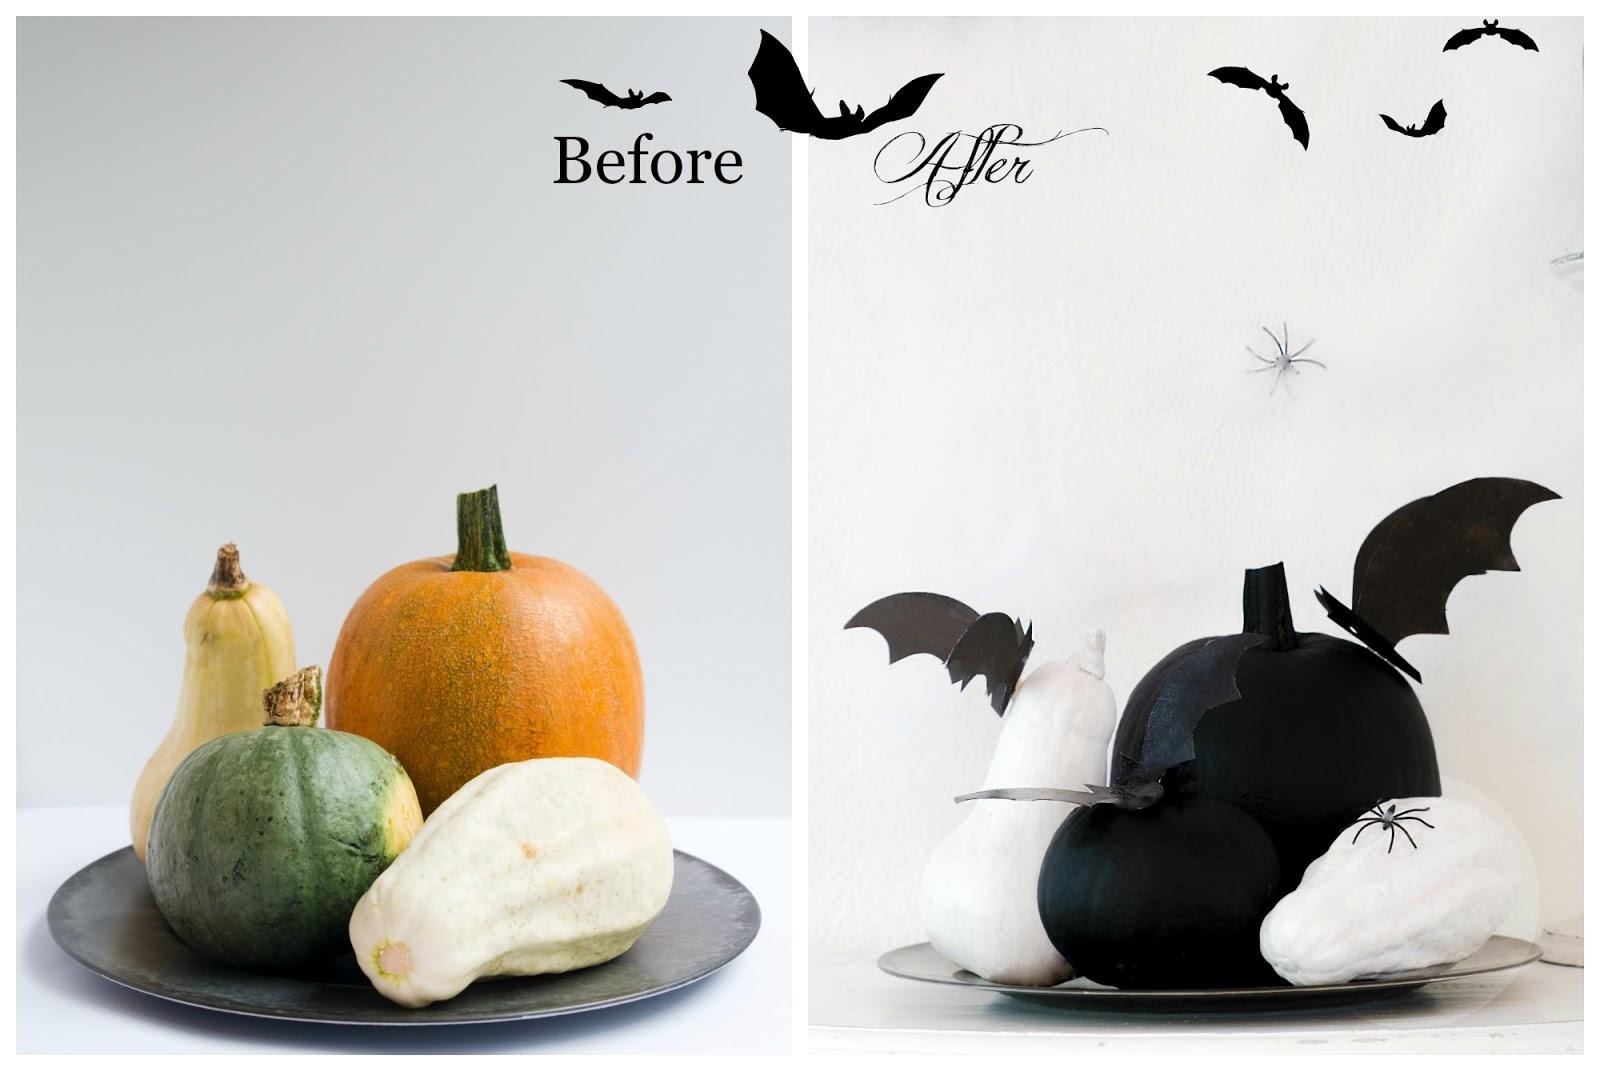 Hoe Maak Je Halloween Pompoenen.Pompoen Versieren Voor Halloween Doe Je Zo Interieur